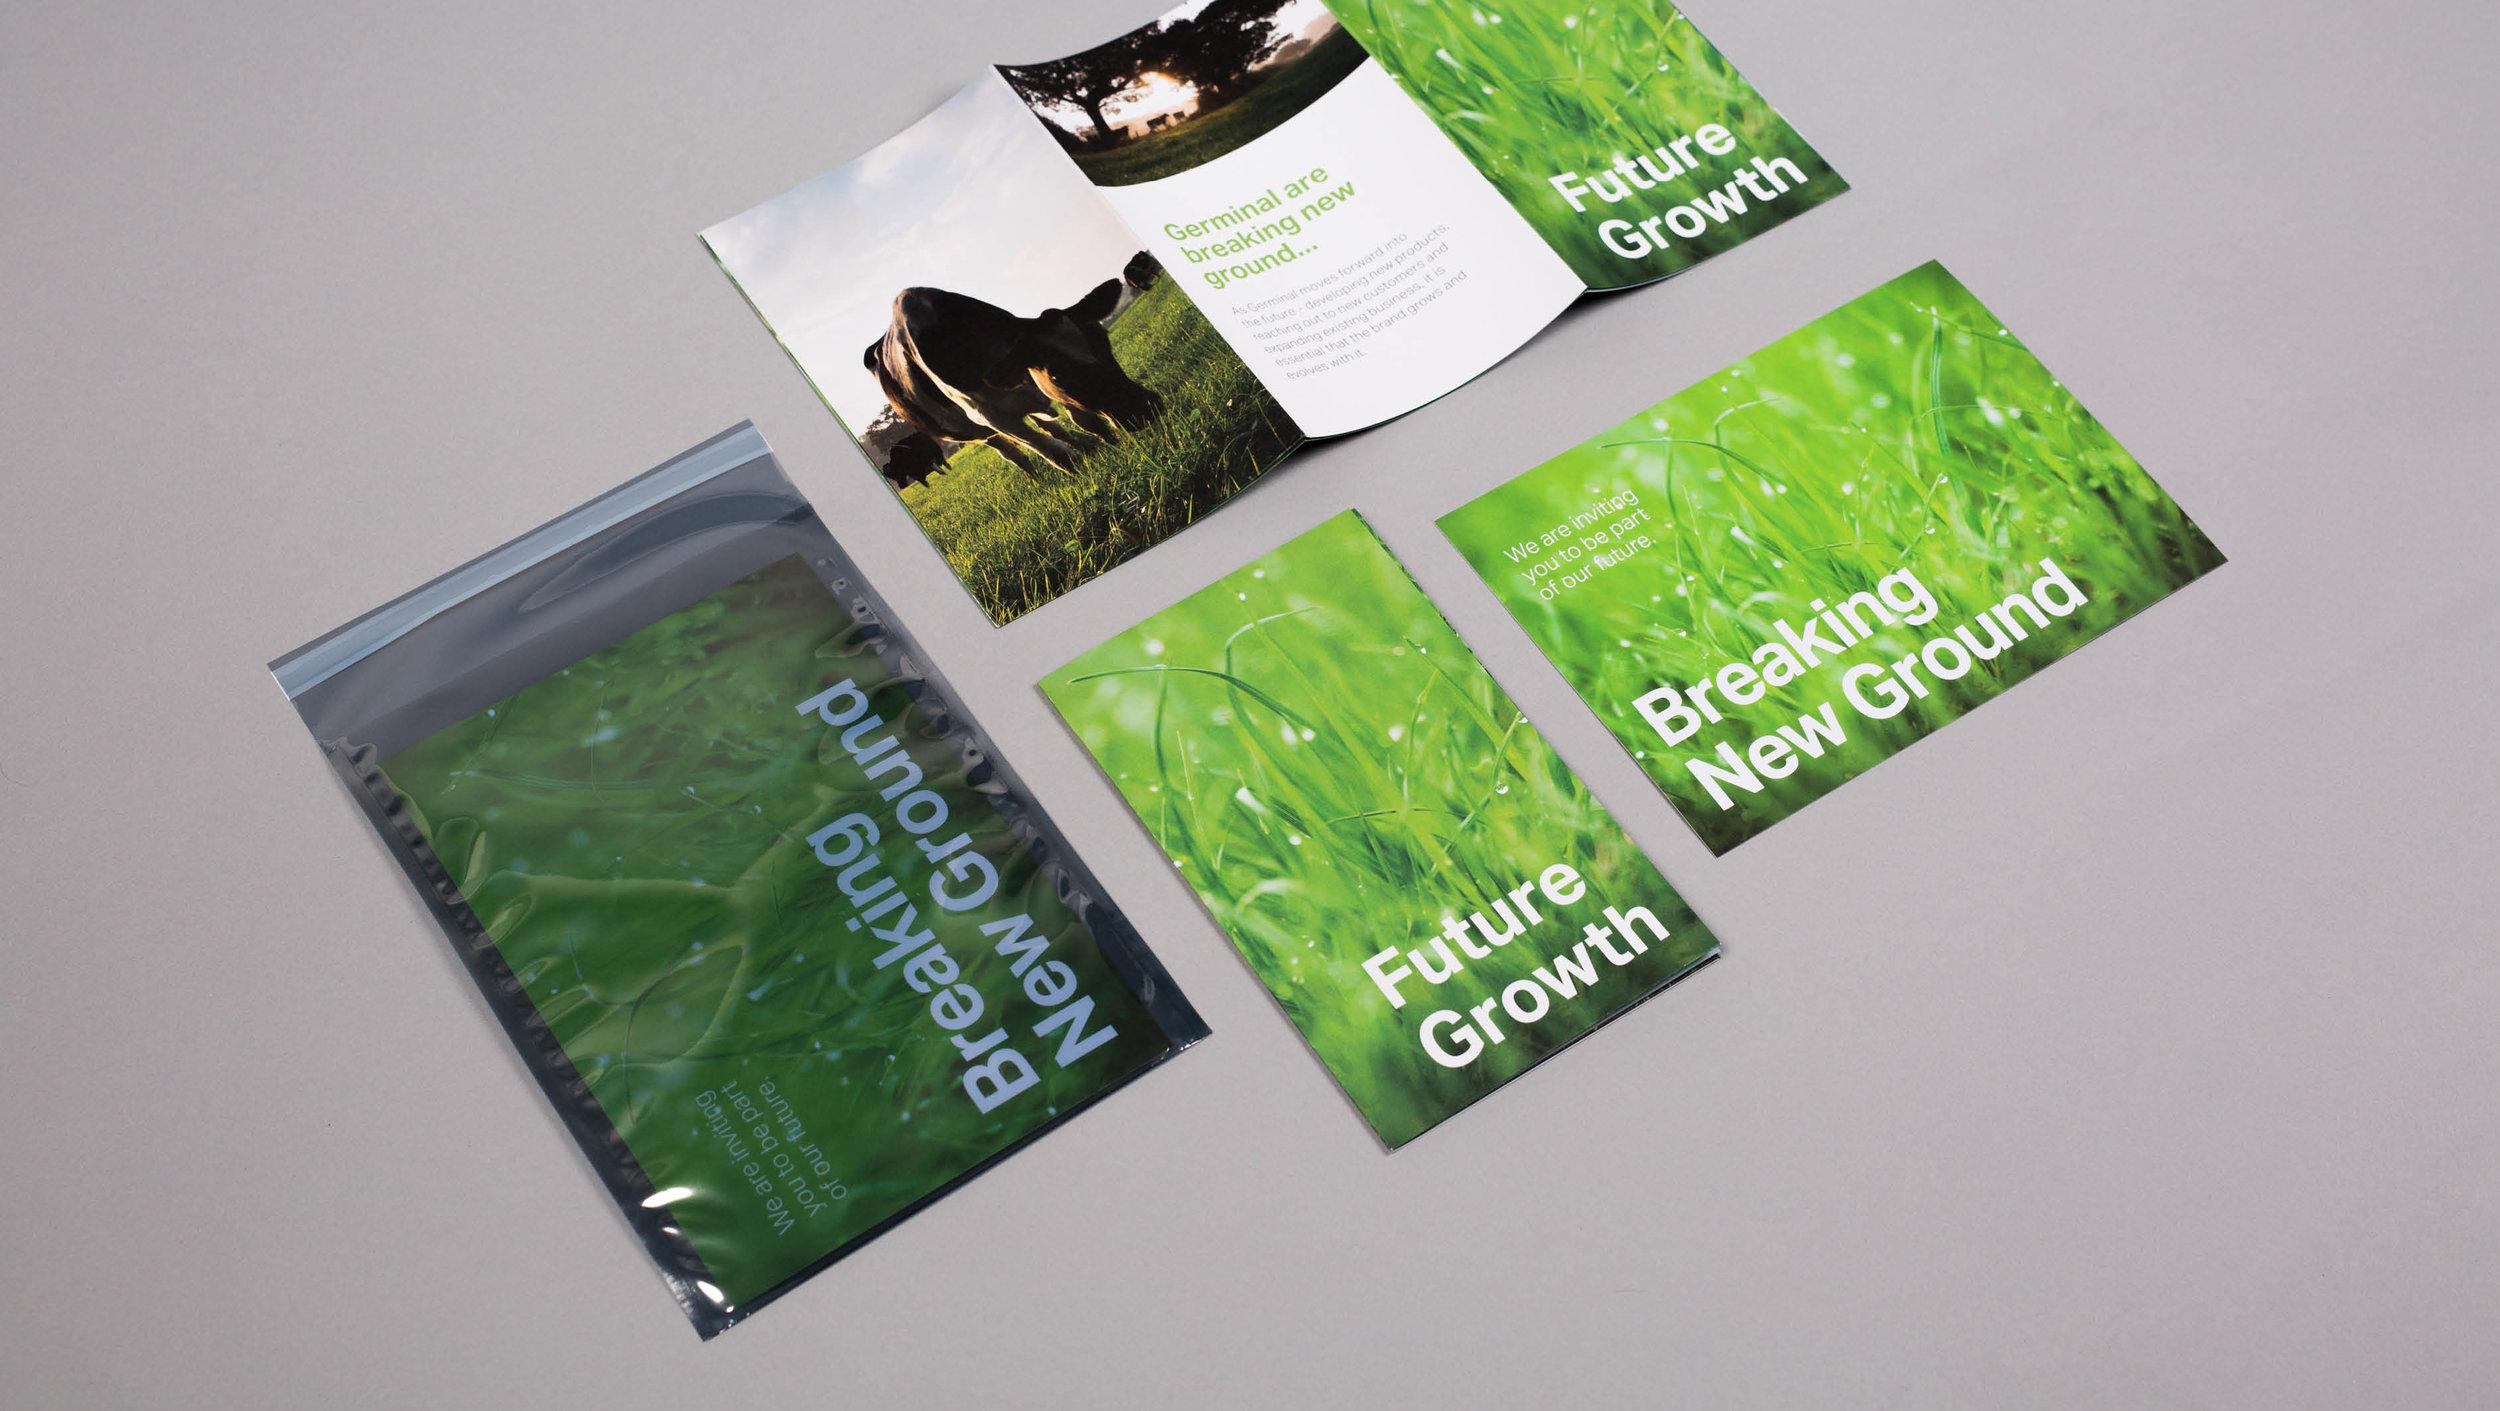 Germinal: Breaking new ground